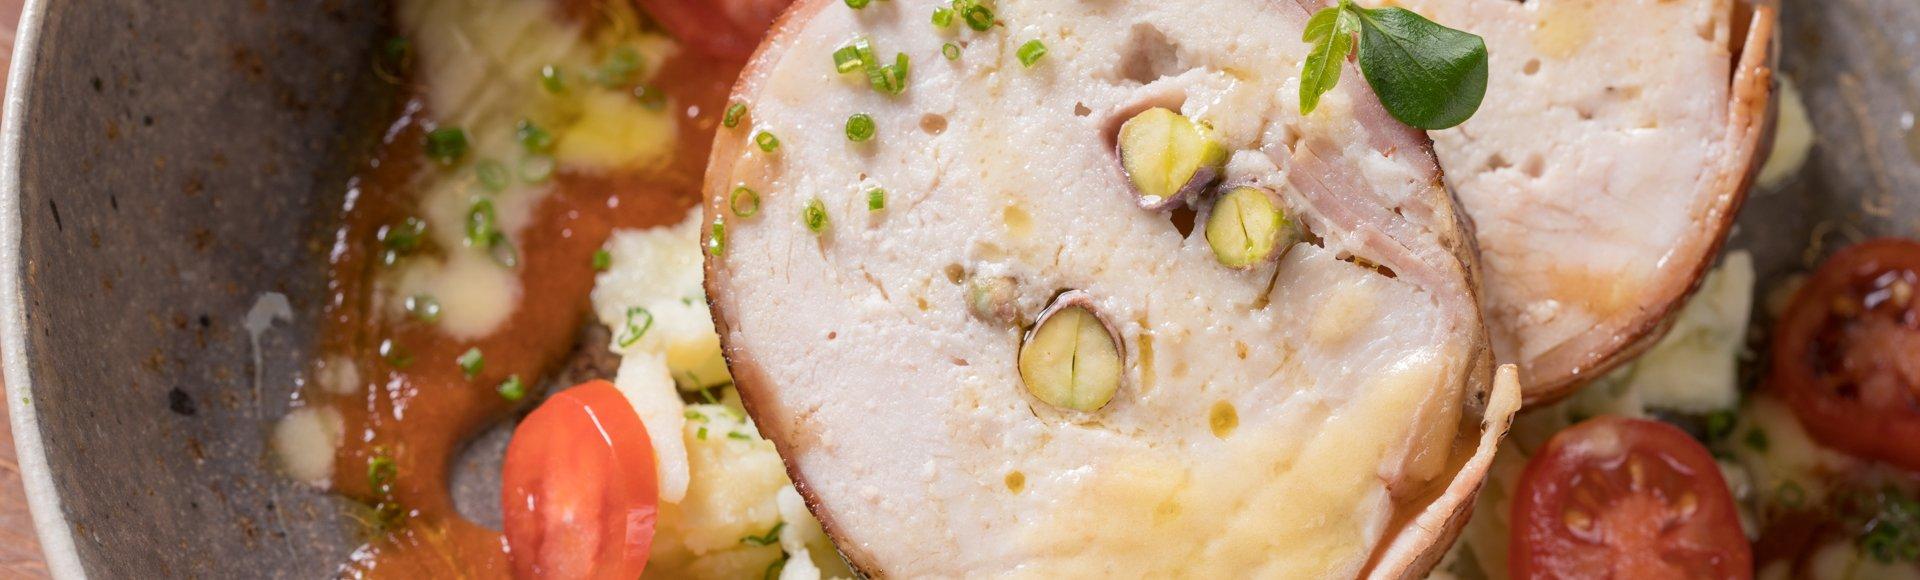 Γαλοπούλα ρολό με προσούτο, σπαστές πατάτες και κρύα σάλτσα με τοματίνια